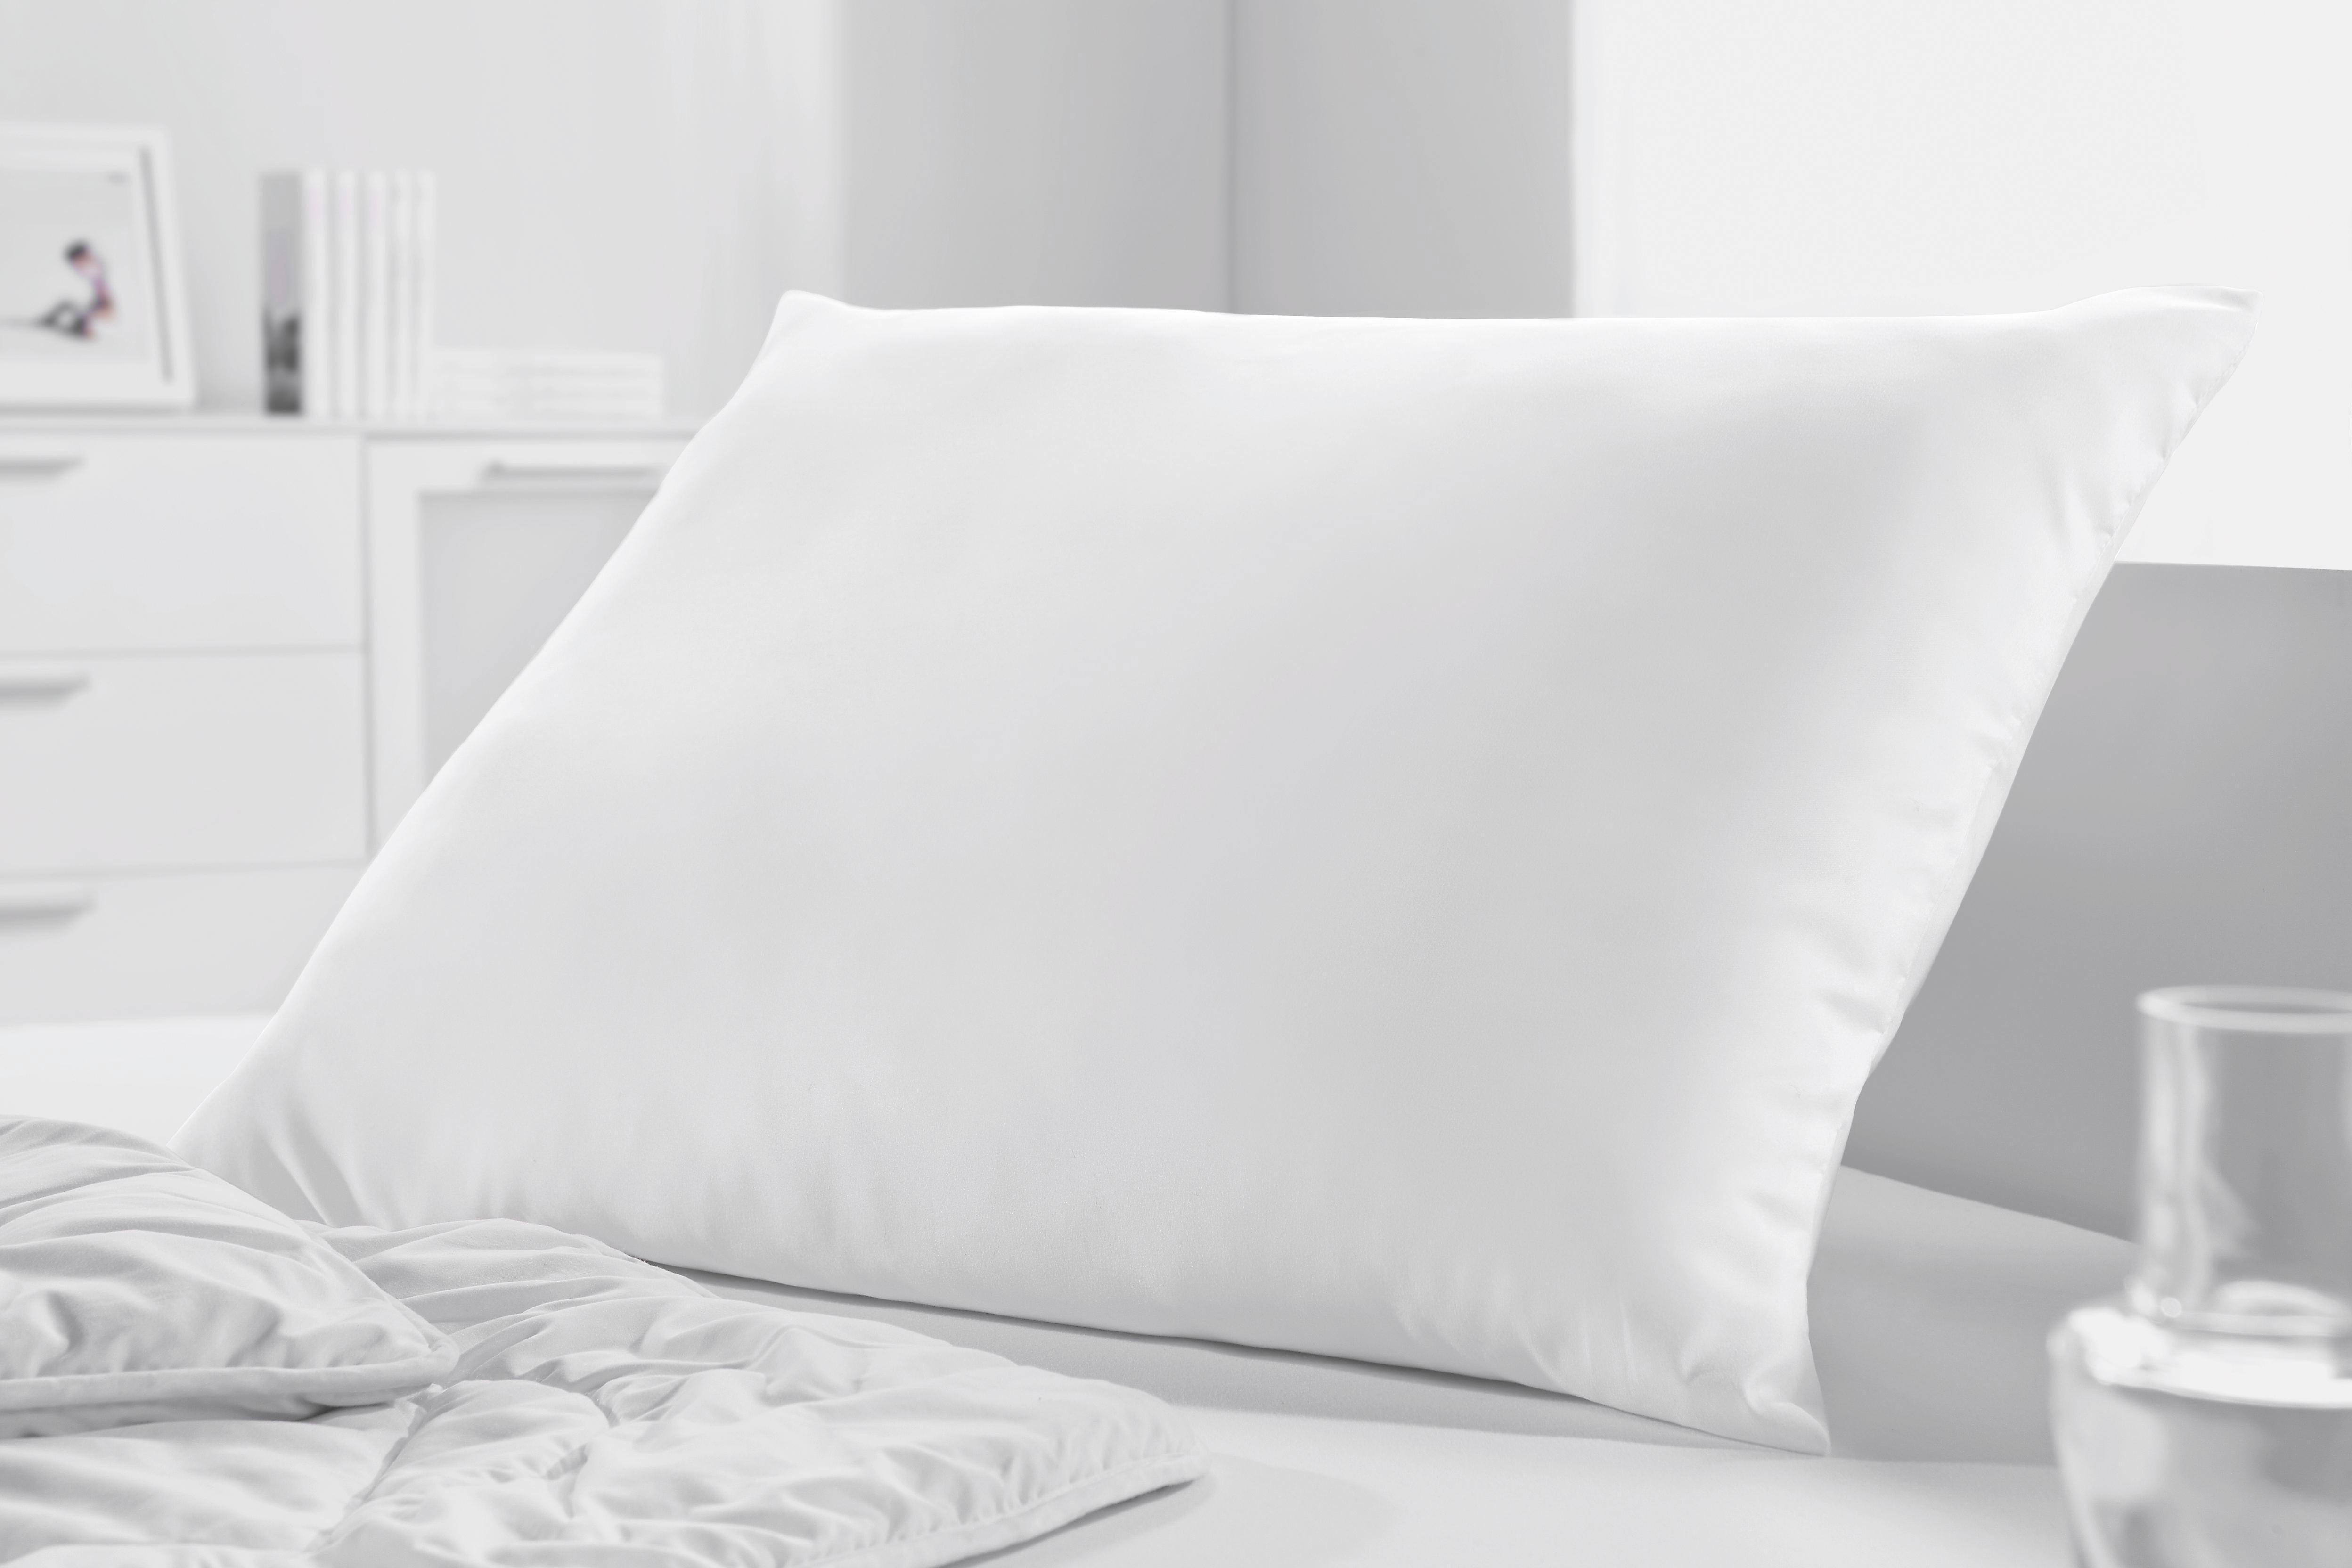 Kopfpolster Zilly in Weiß, ca. 70x90cm - Weiß, Textil (70/90cm) - MÖMAX modern living